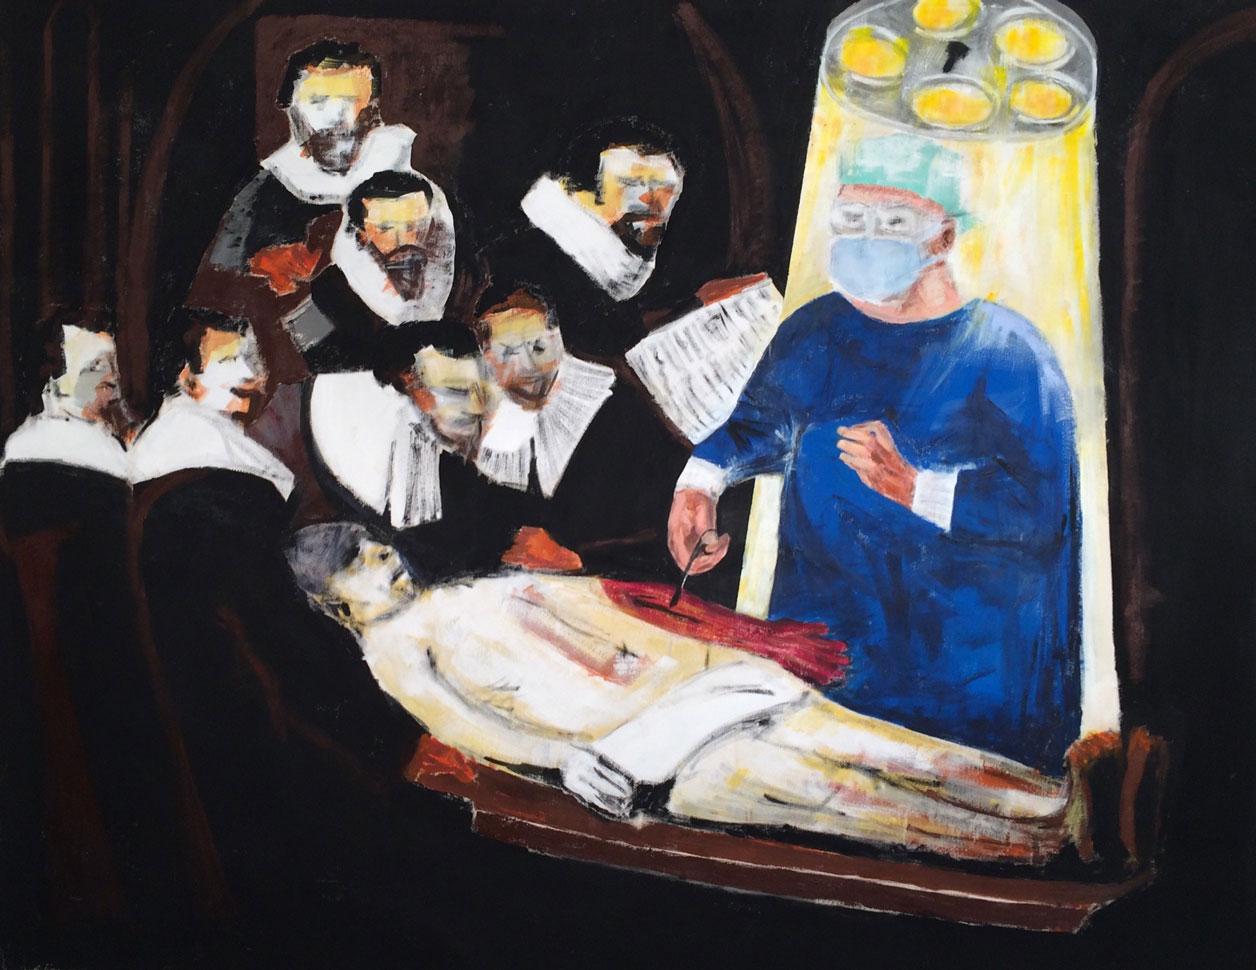 N°2590 - La leçon d'anatomie revisitée - Acrylique sur toile - 114 x 146 cm - 22 septembre 2016